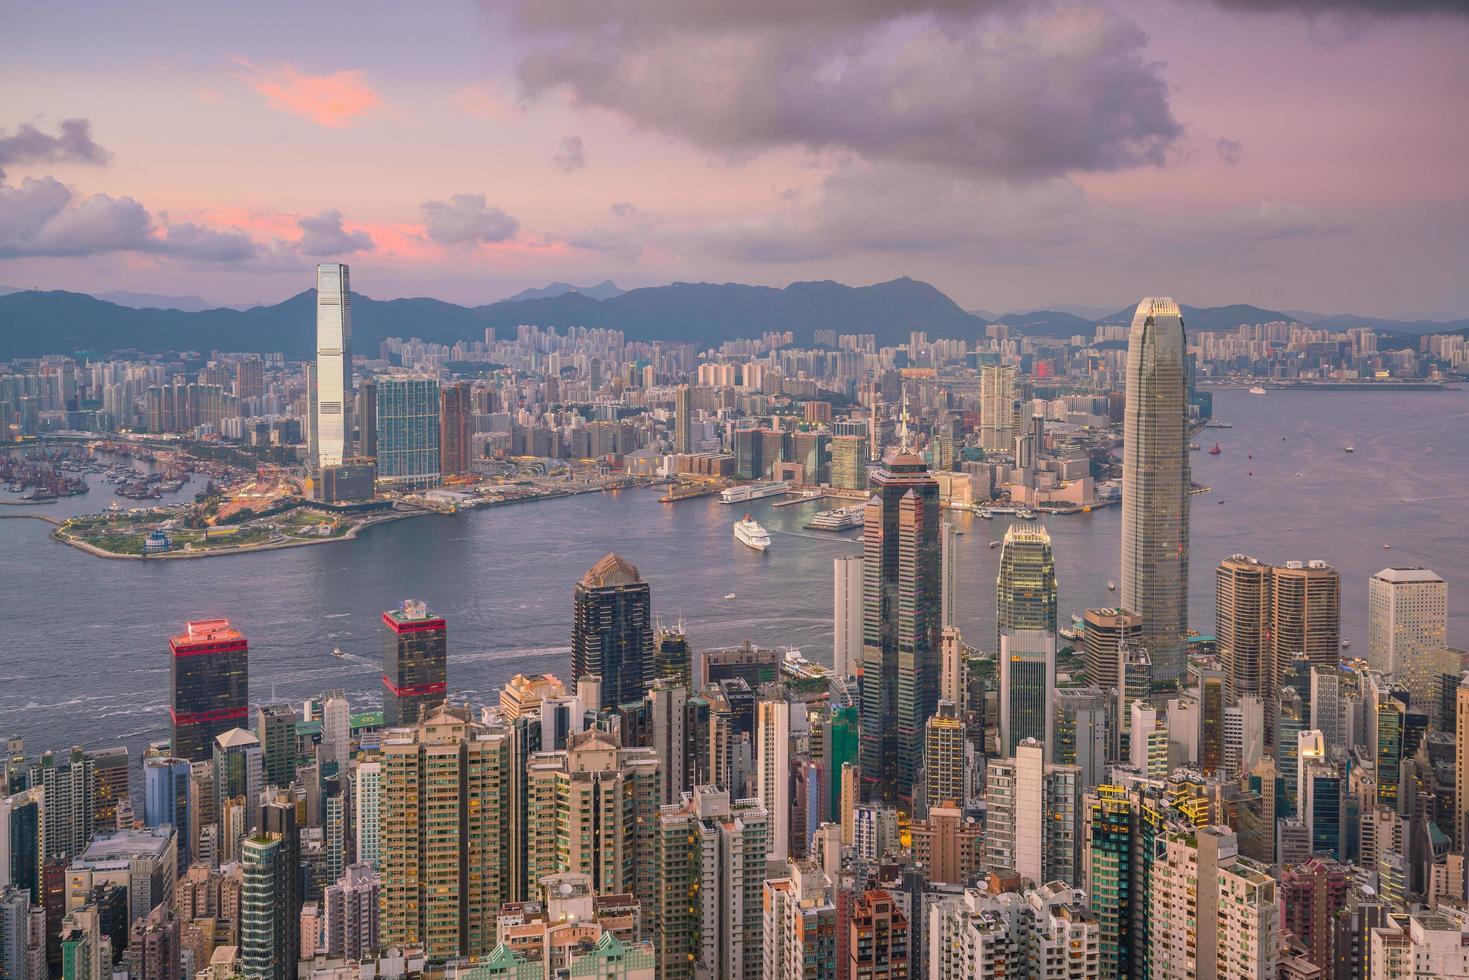 Victoria Harbor and Hong Kong sunset photo